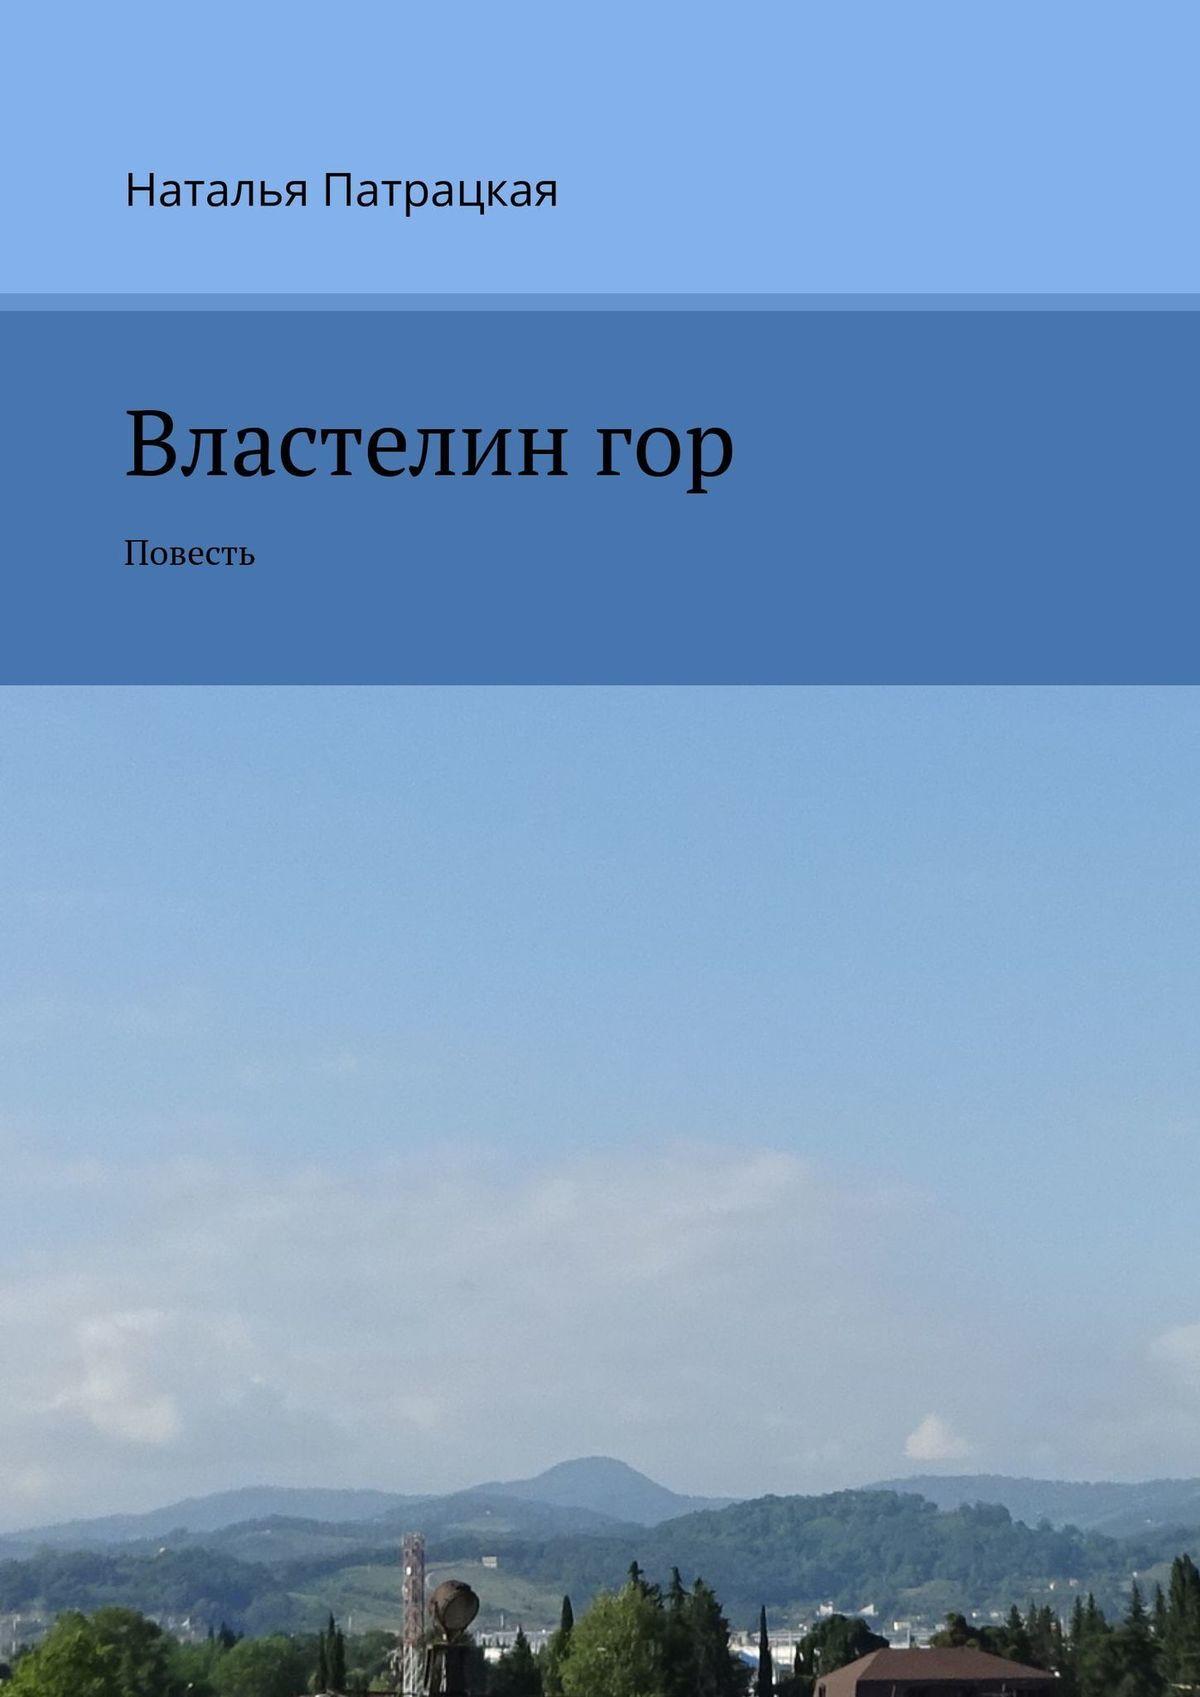 Властелингор. Серия «Виртуальные повести»